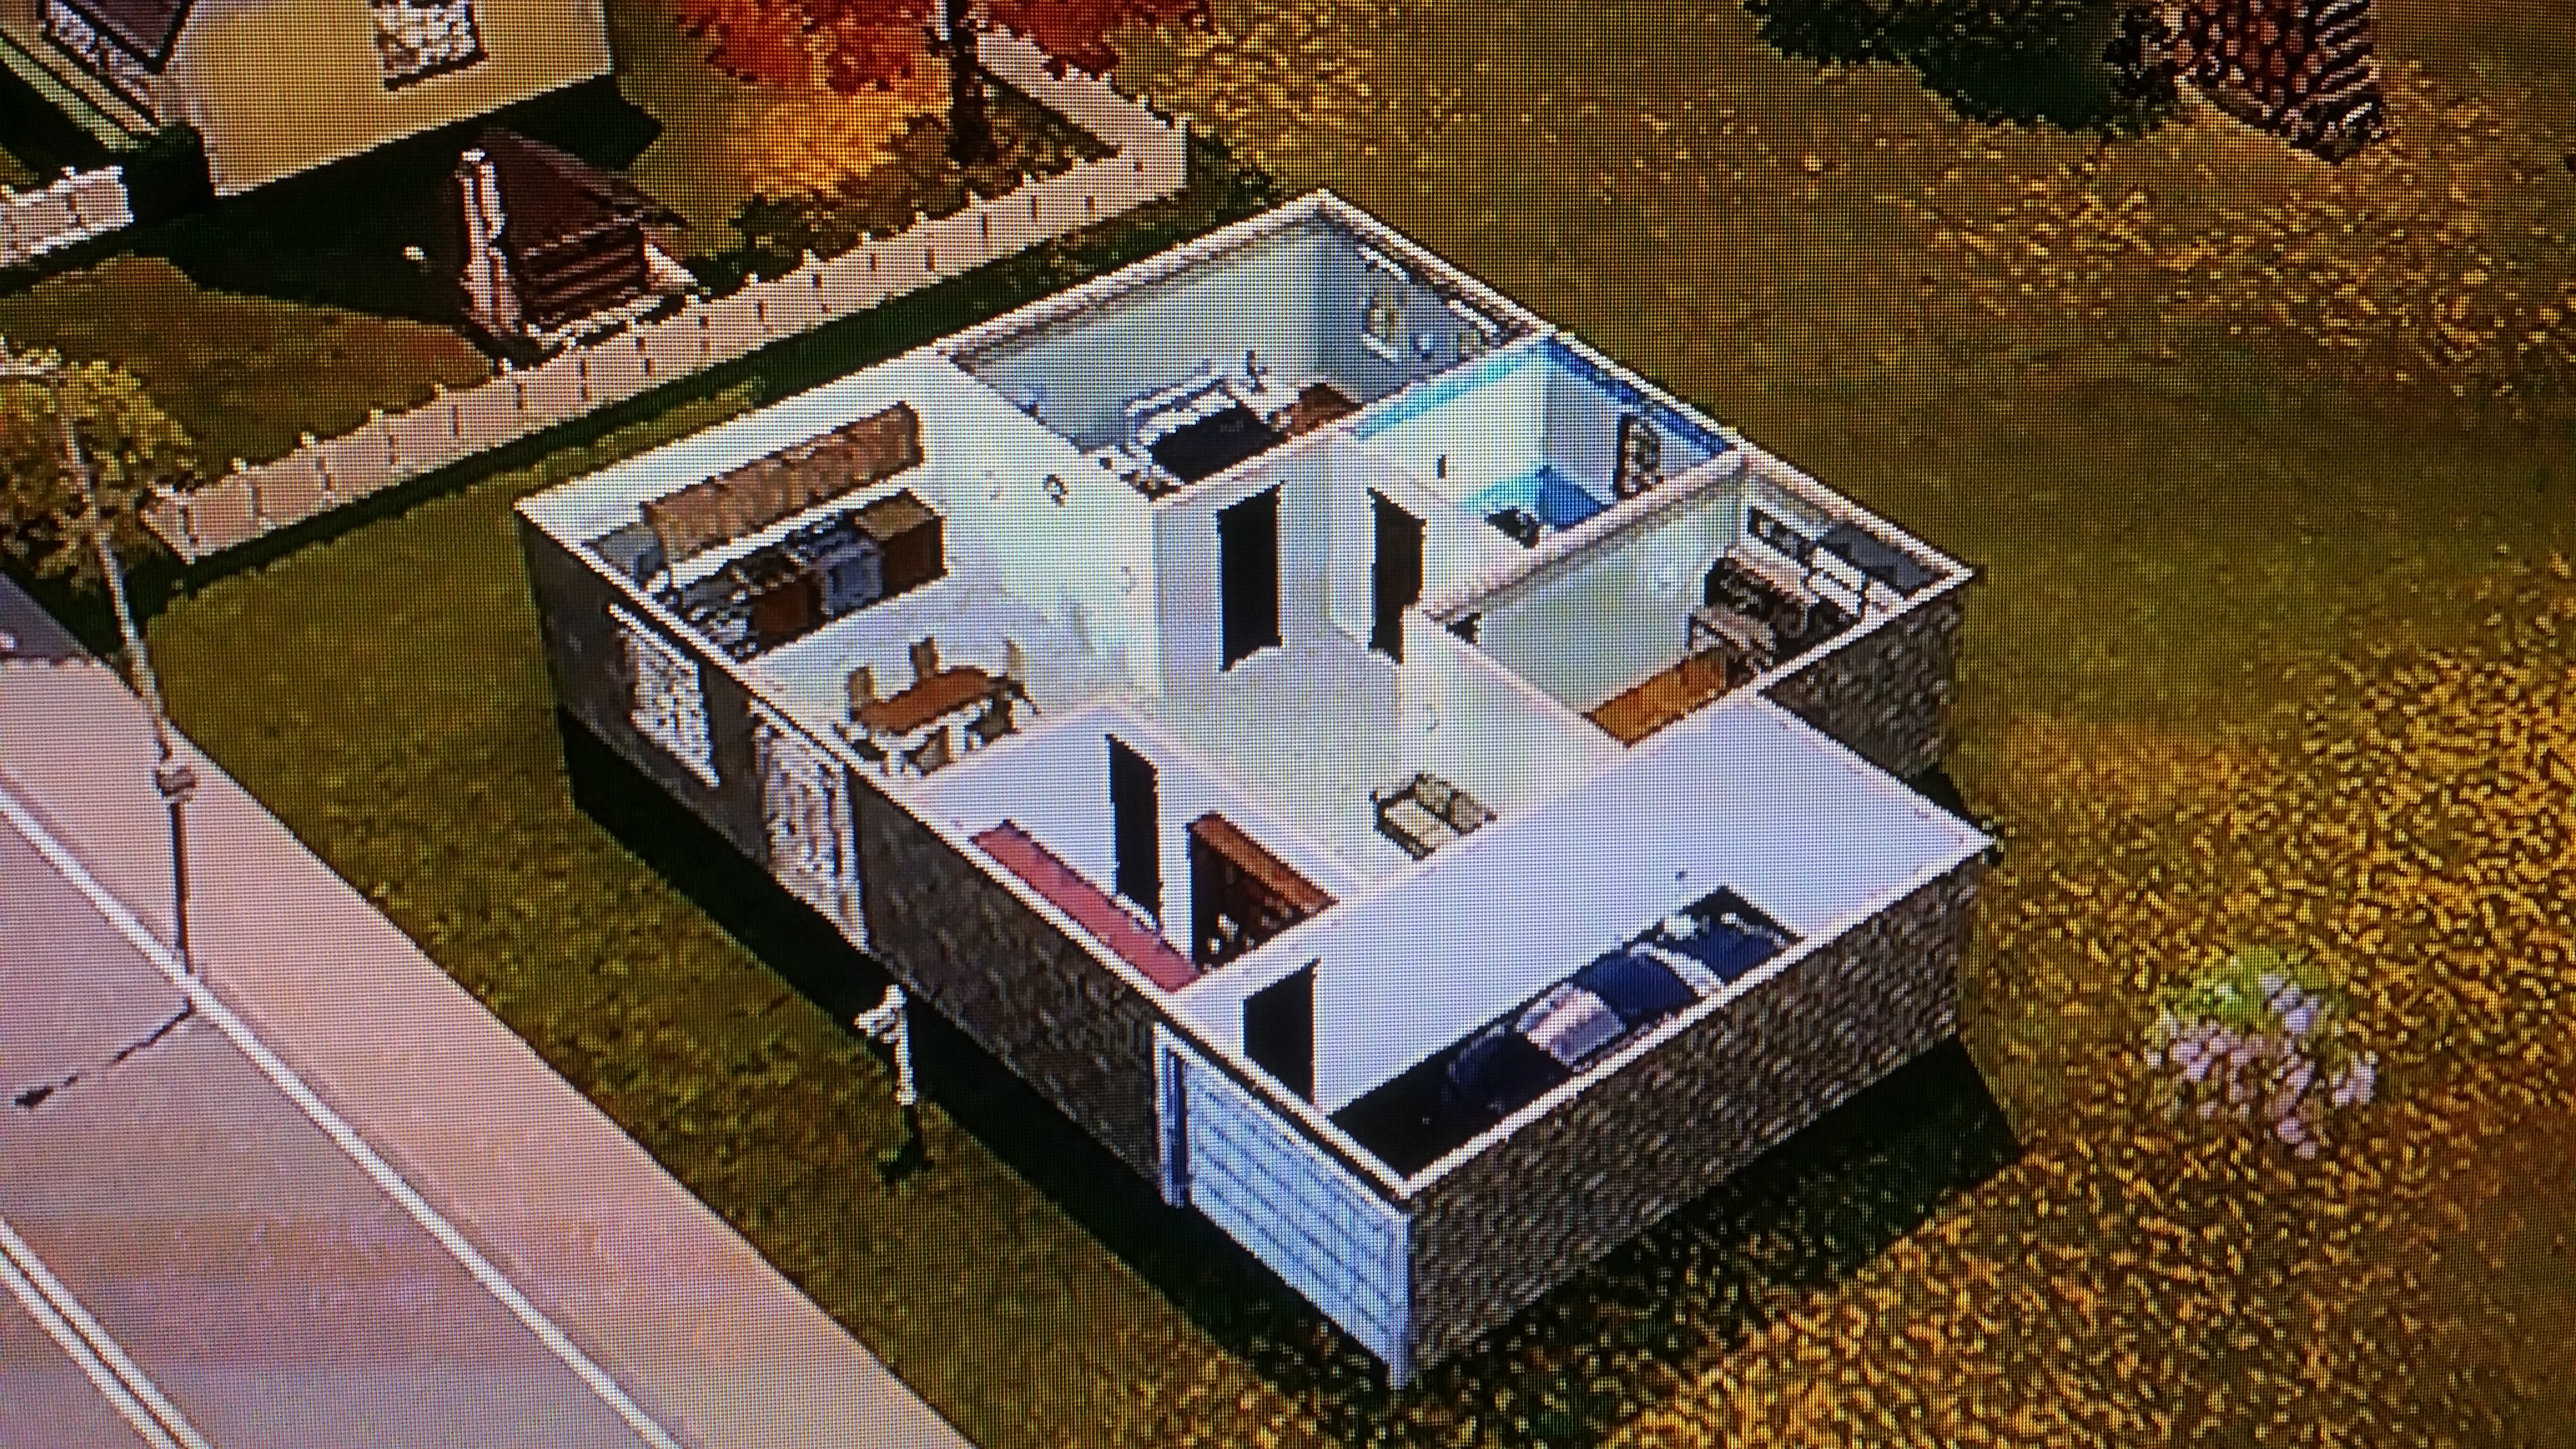 Costruire casa in 3d naviga online e fatti ispirare dalle for Progetta casa in 3d online